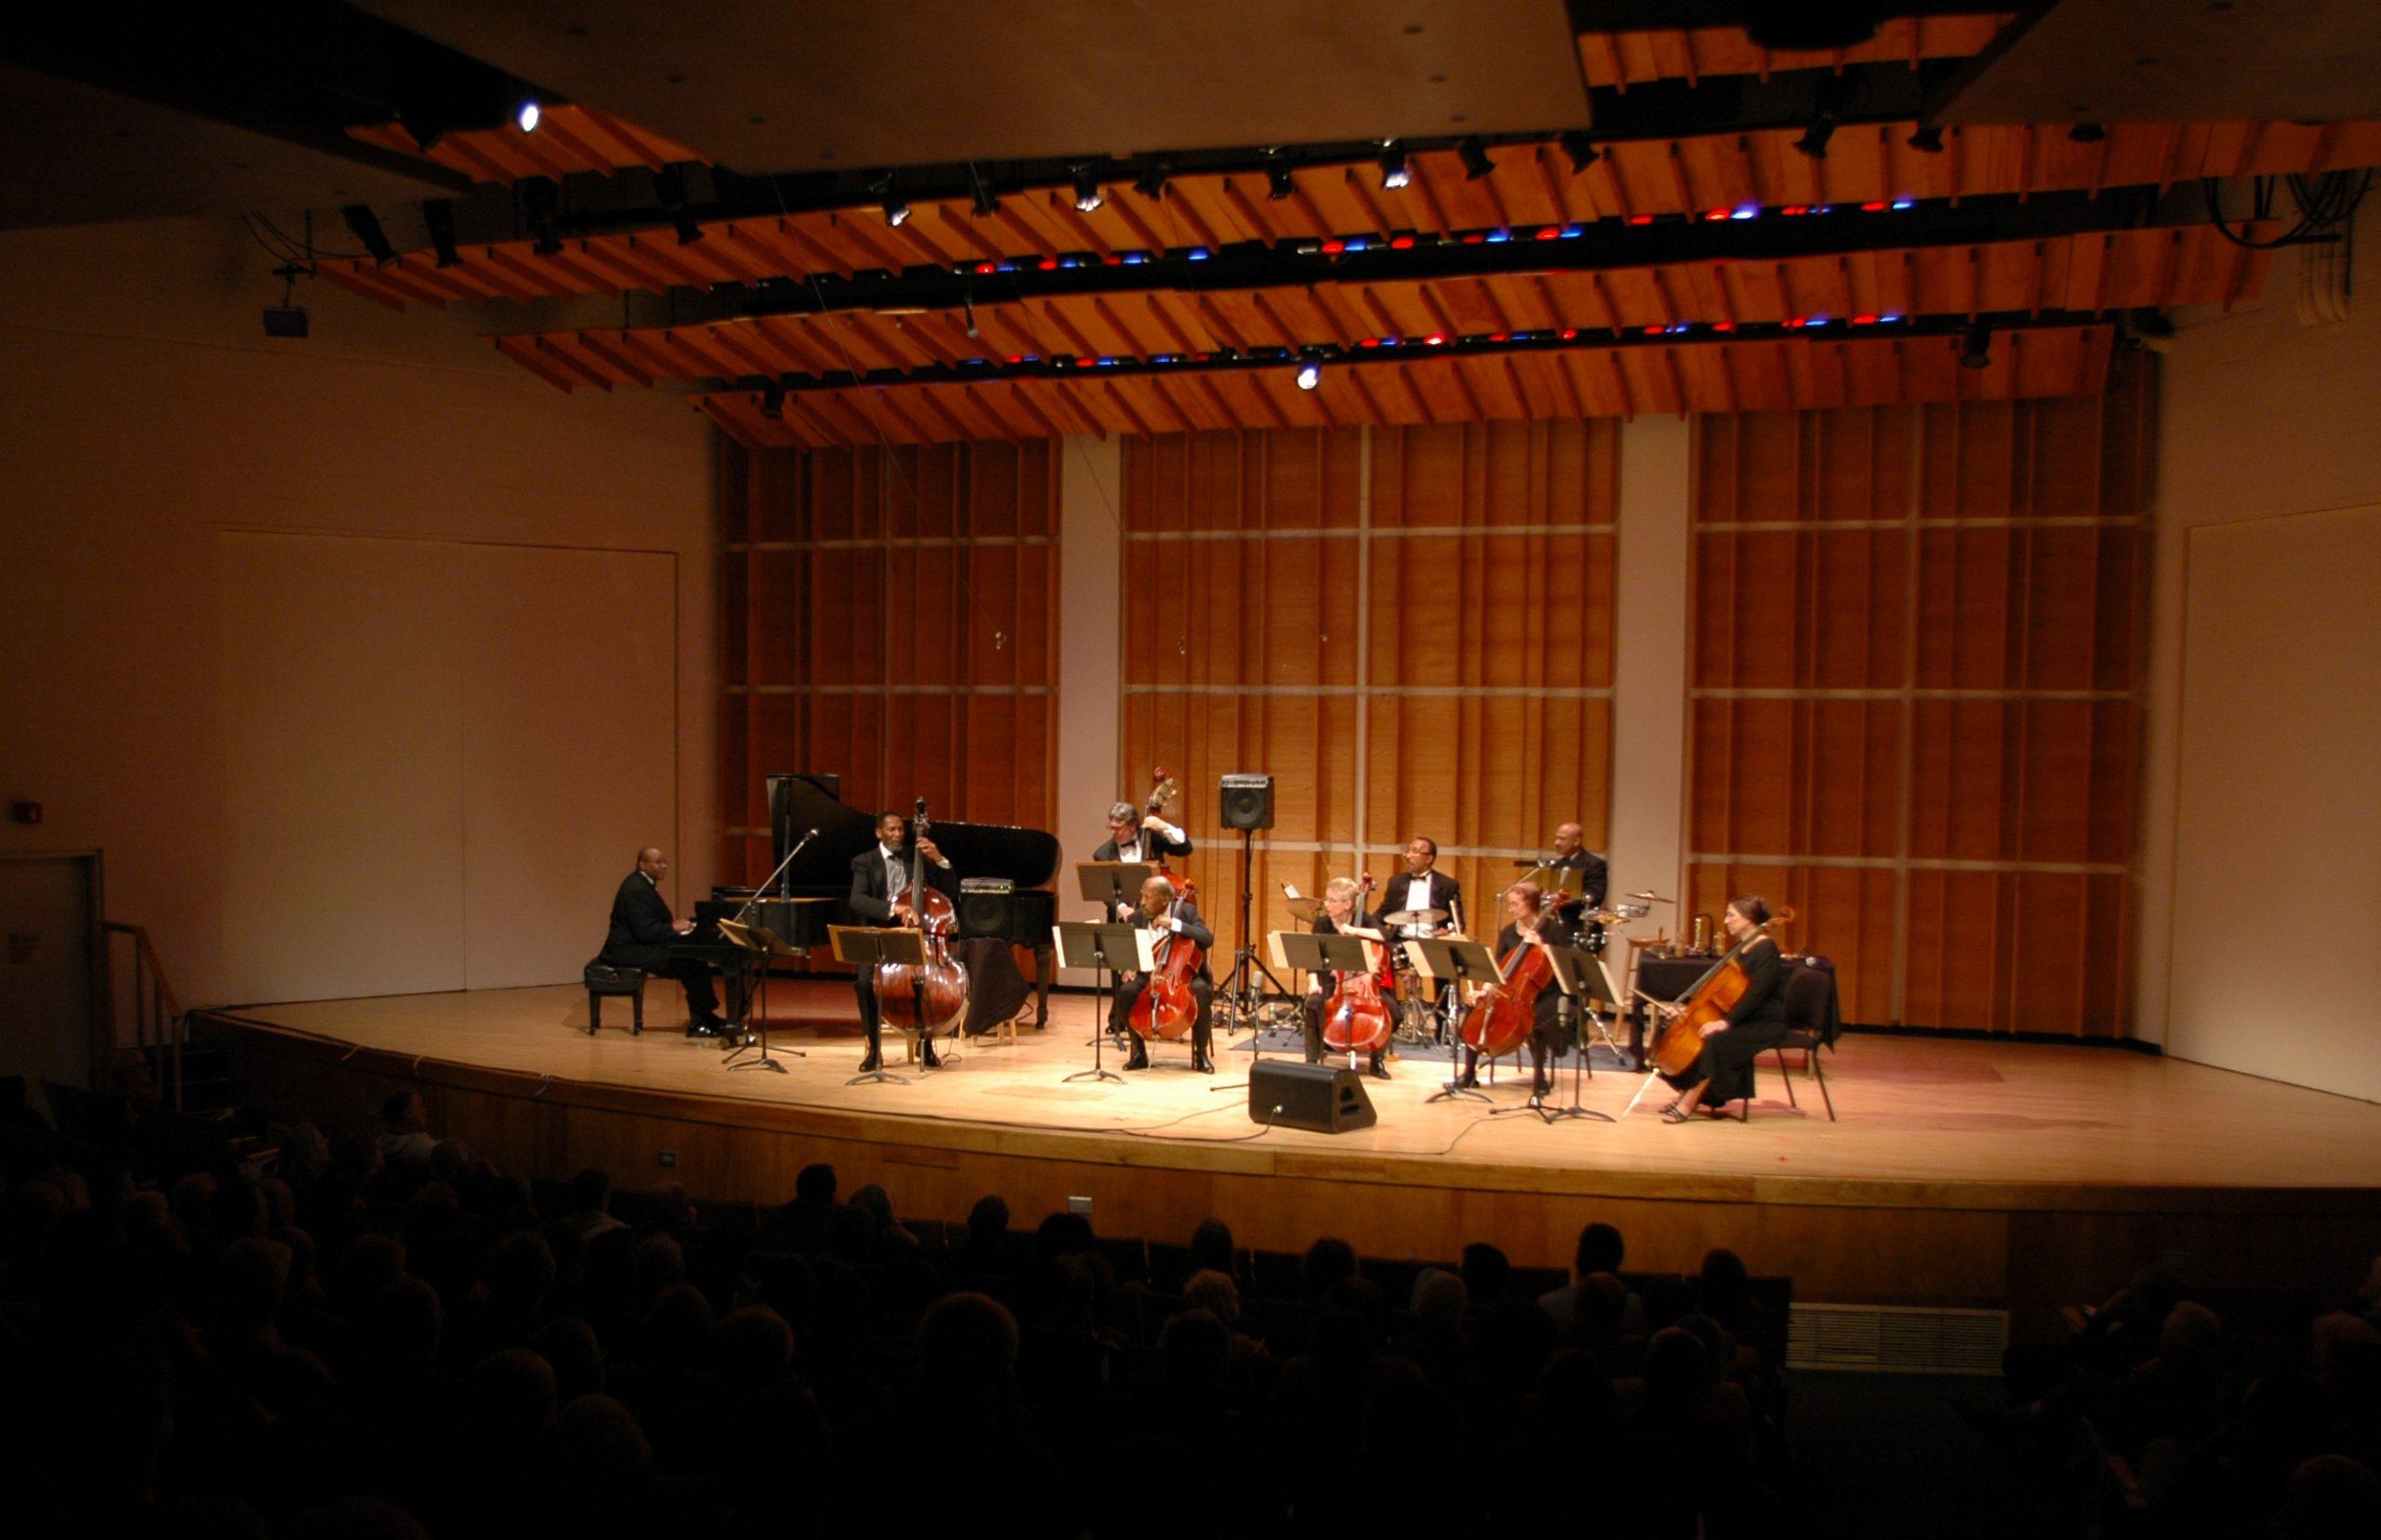 Merkin Hall Concert